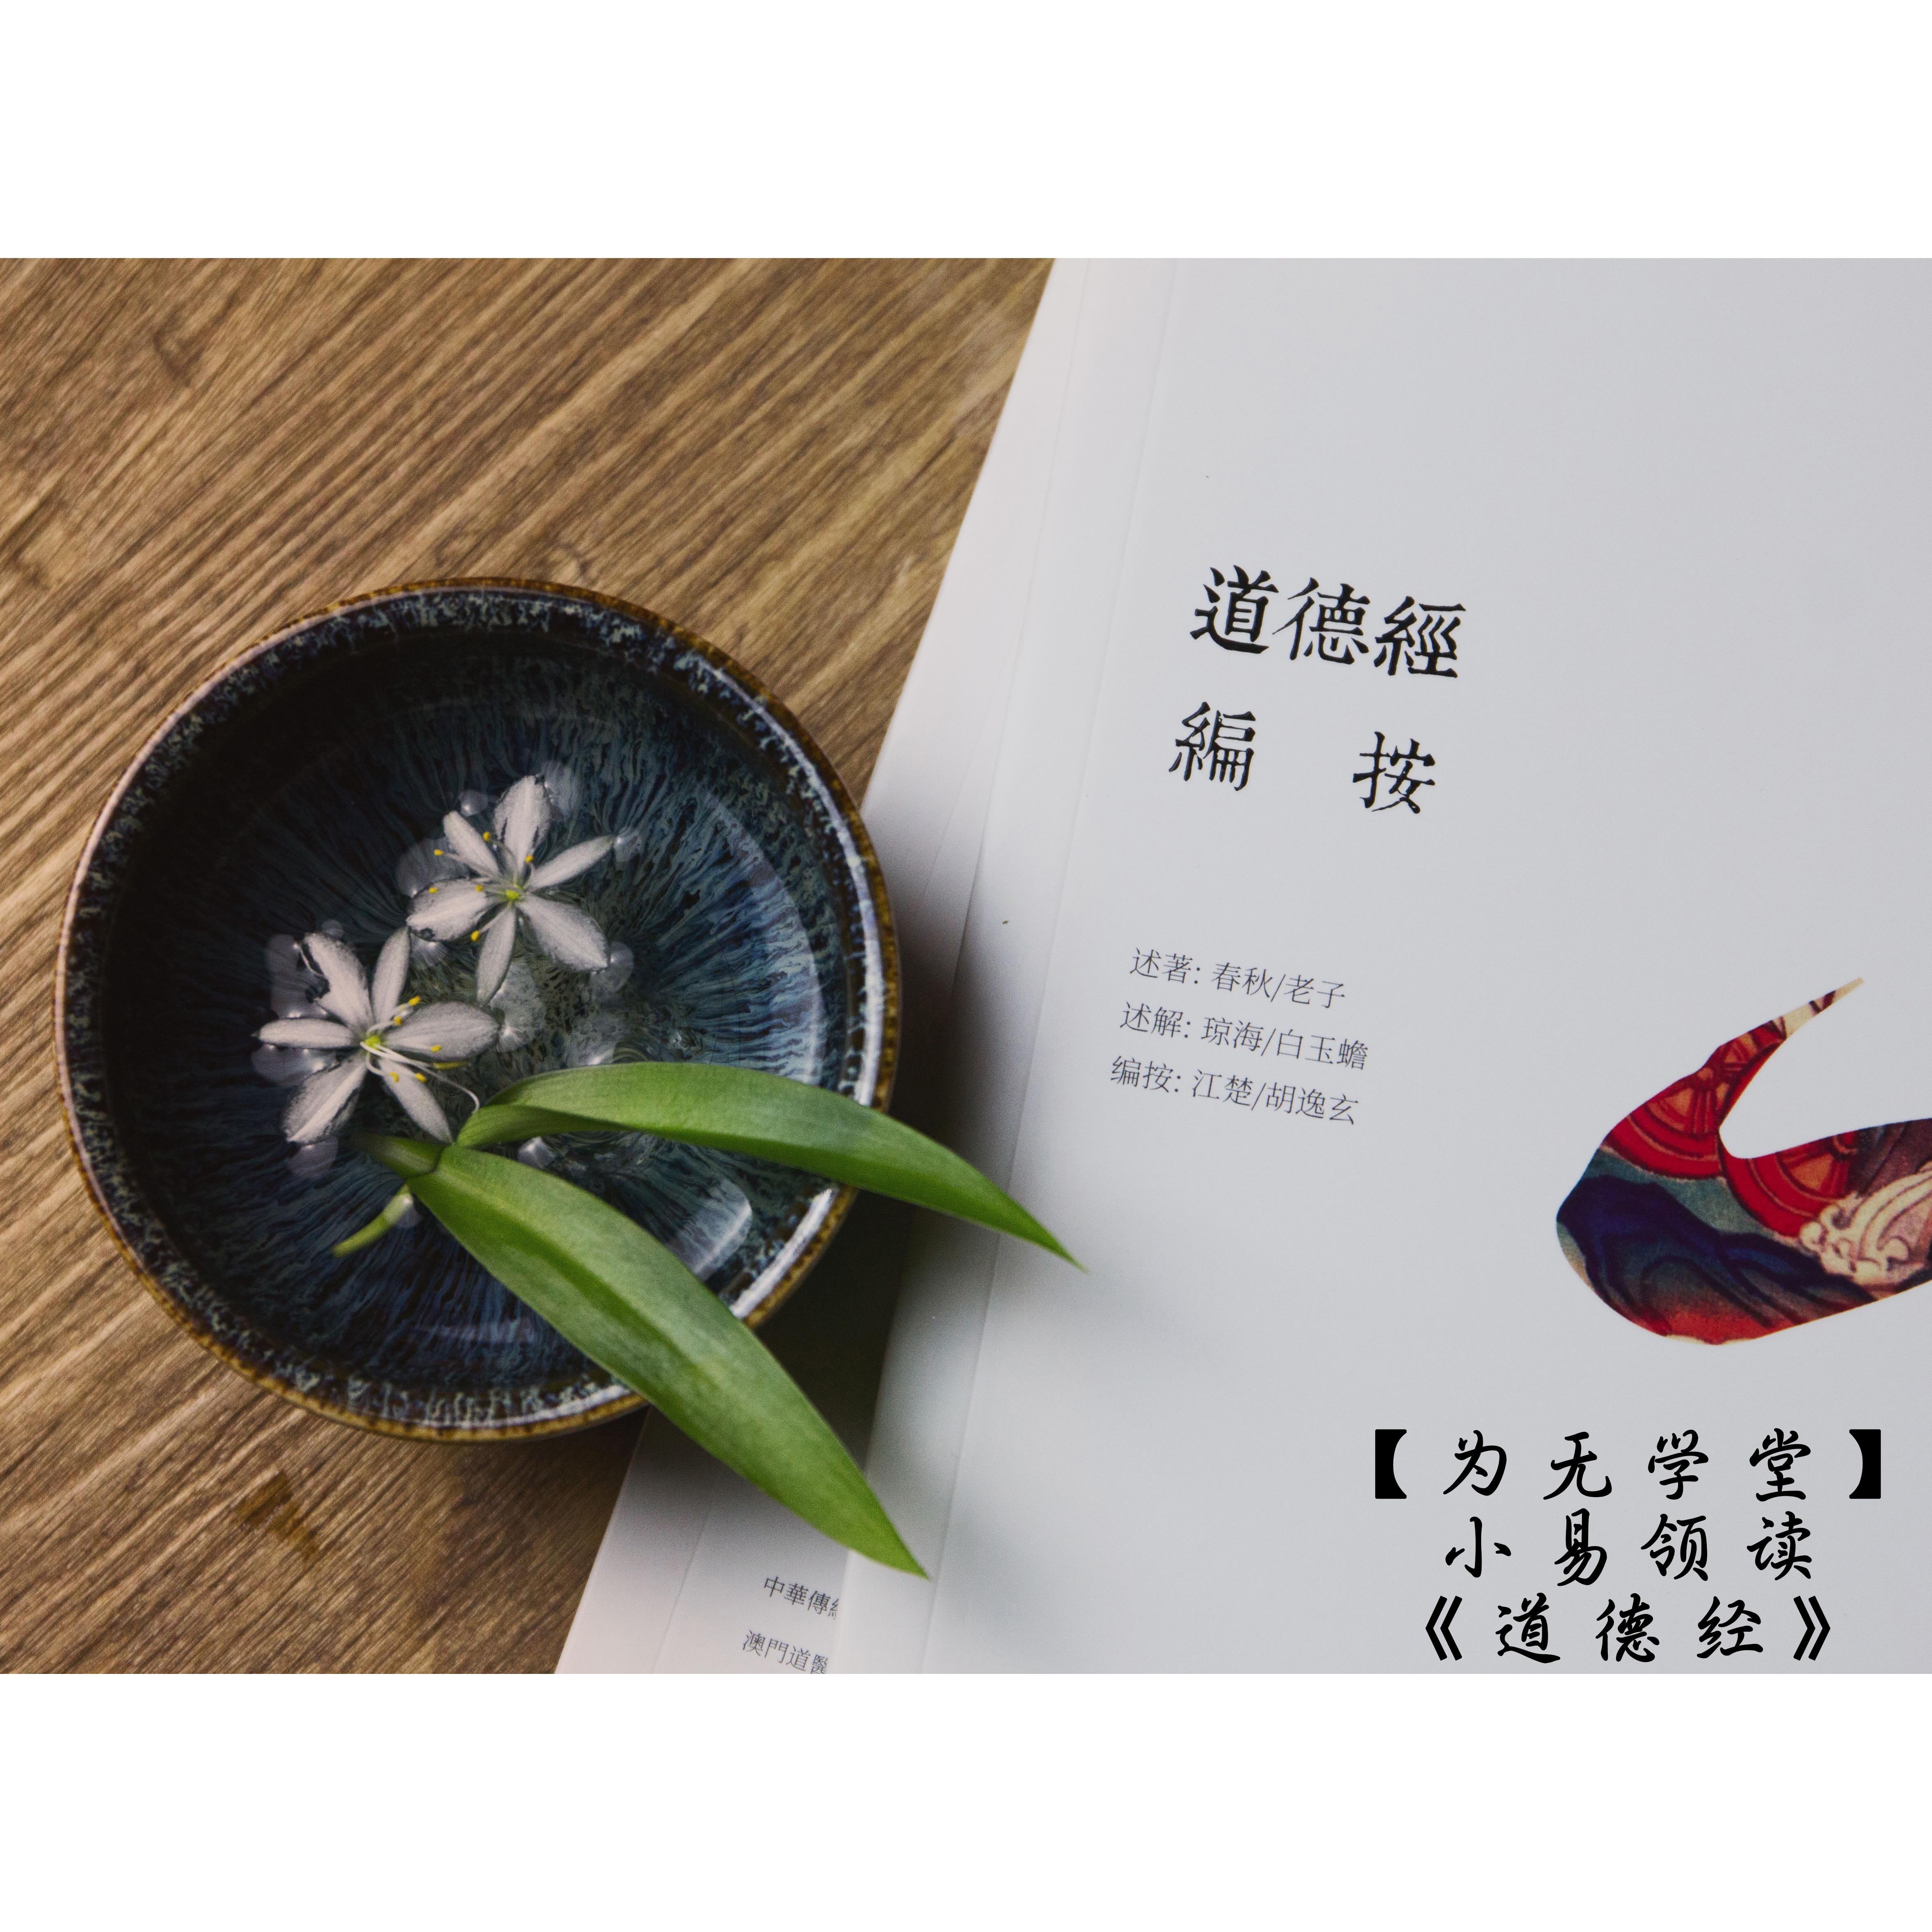 【为无学堂】小易领读《道德经》